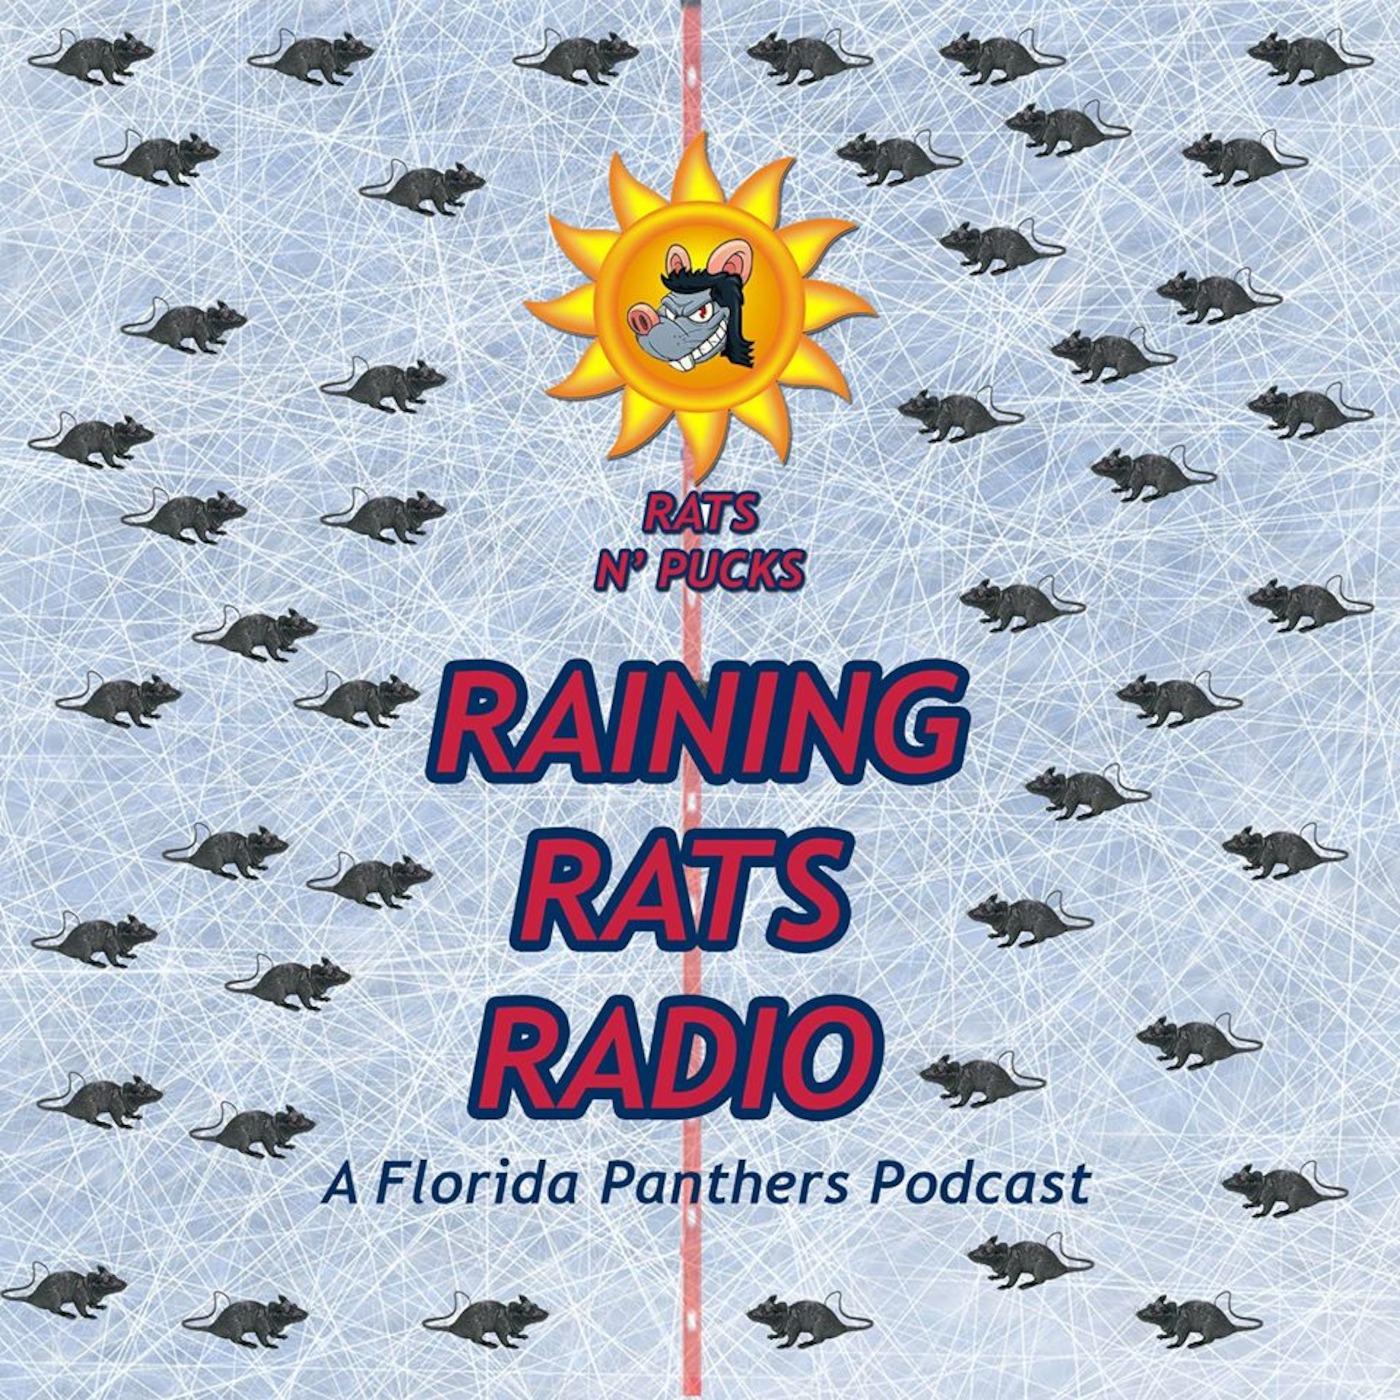 Raining Rats Radio